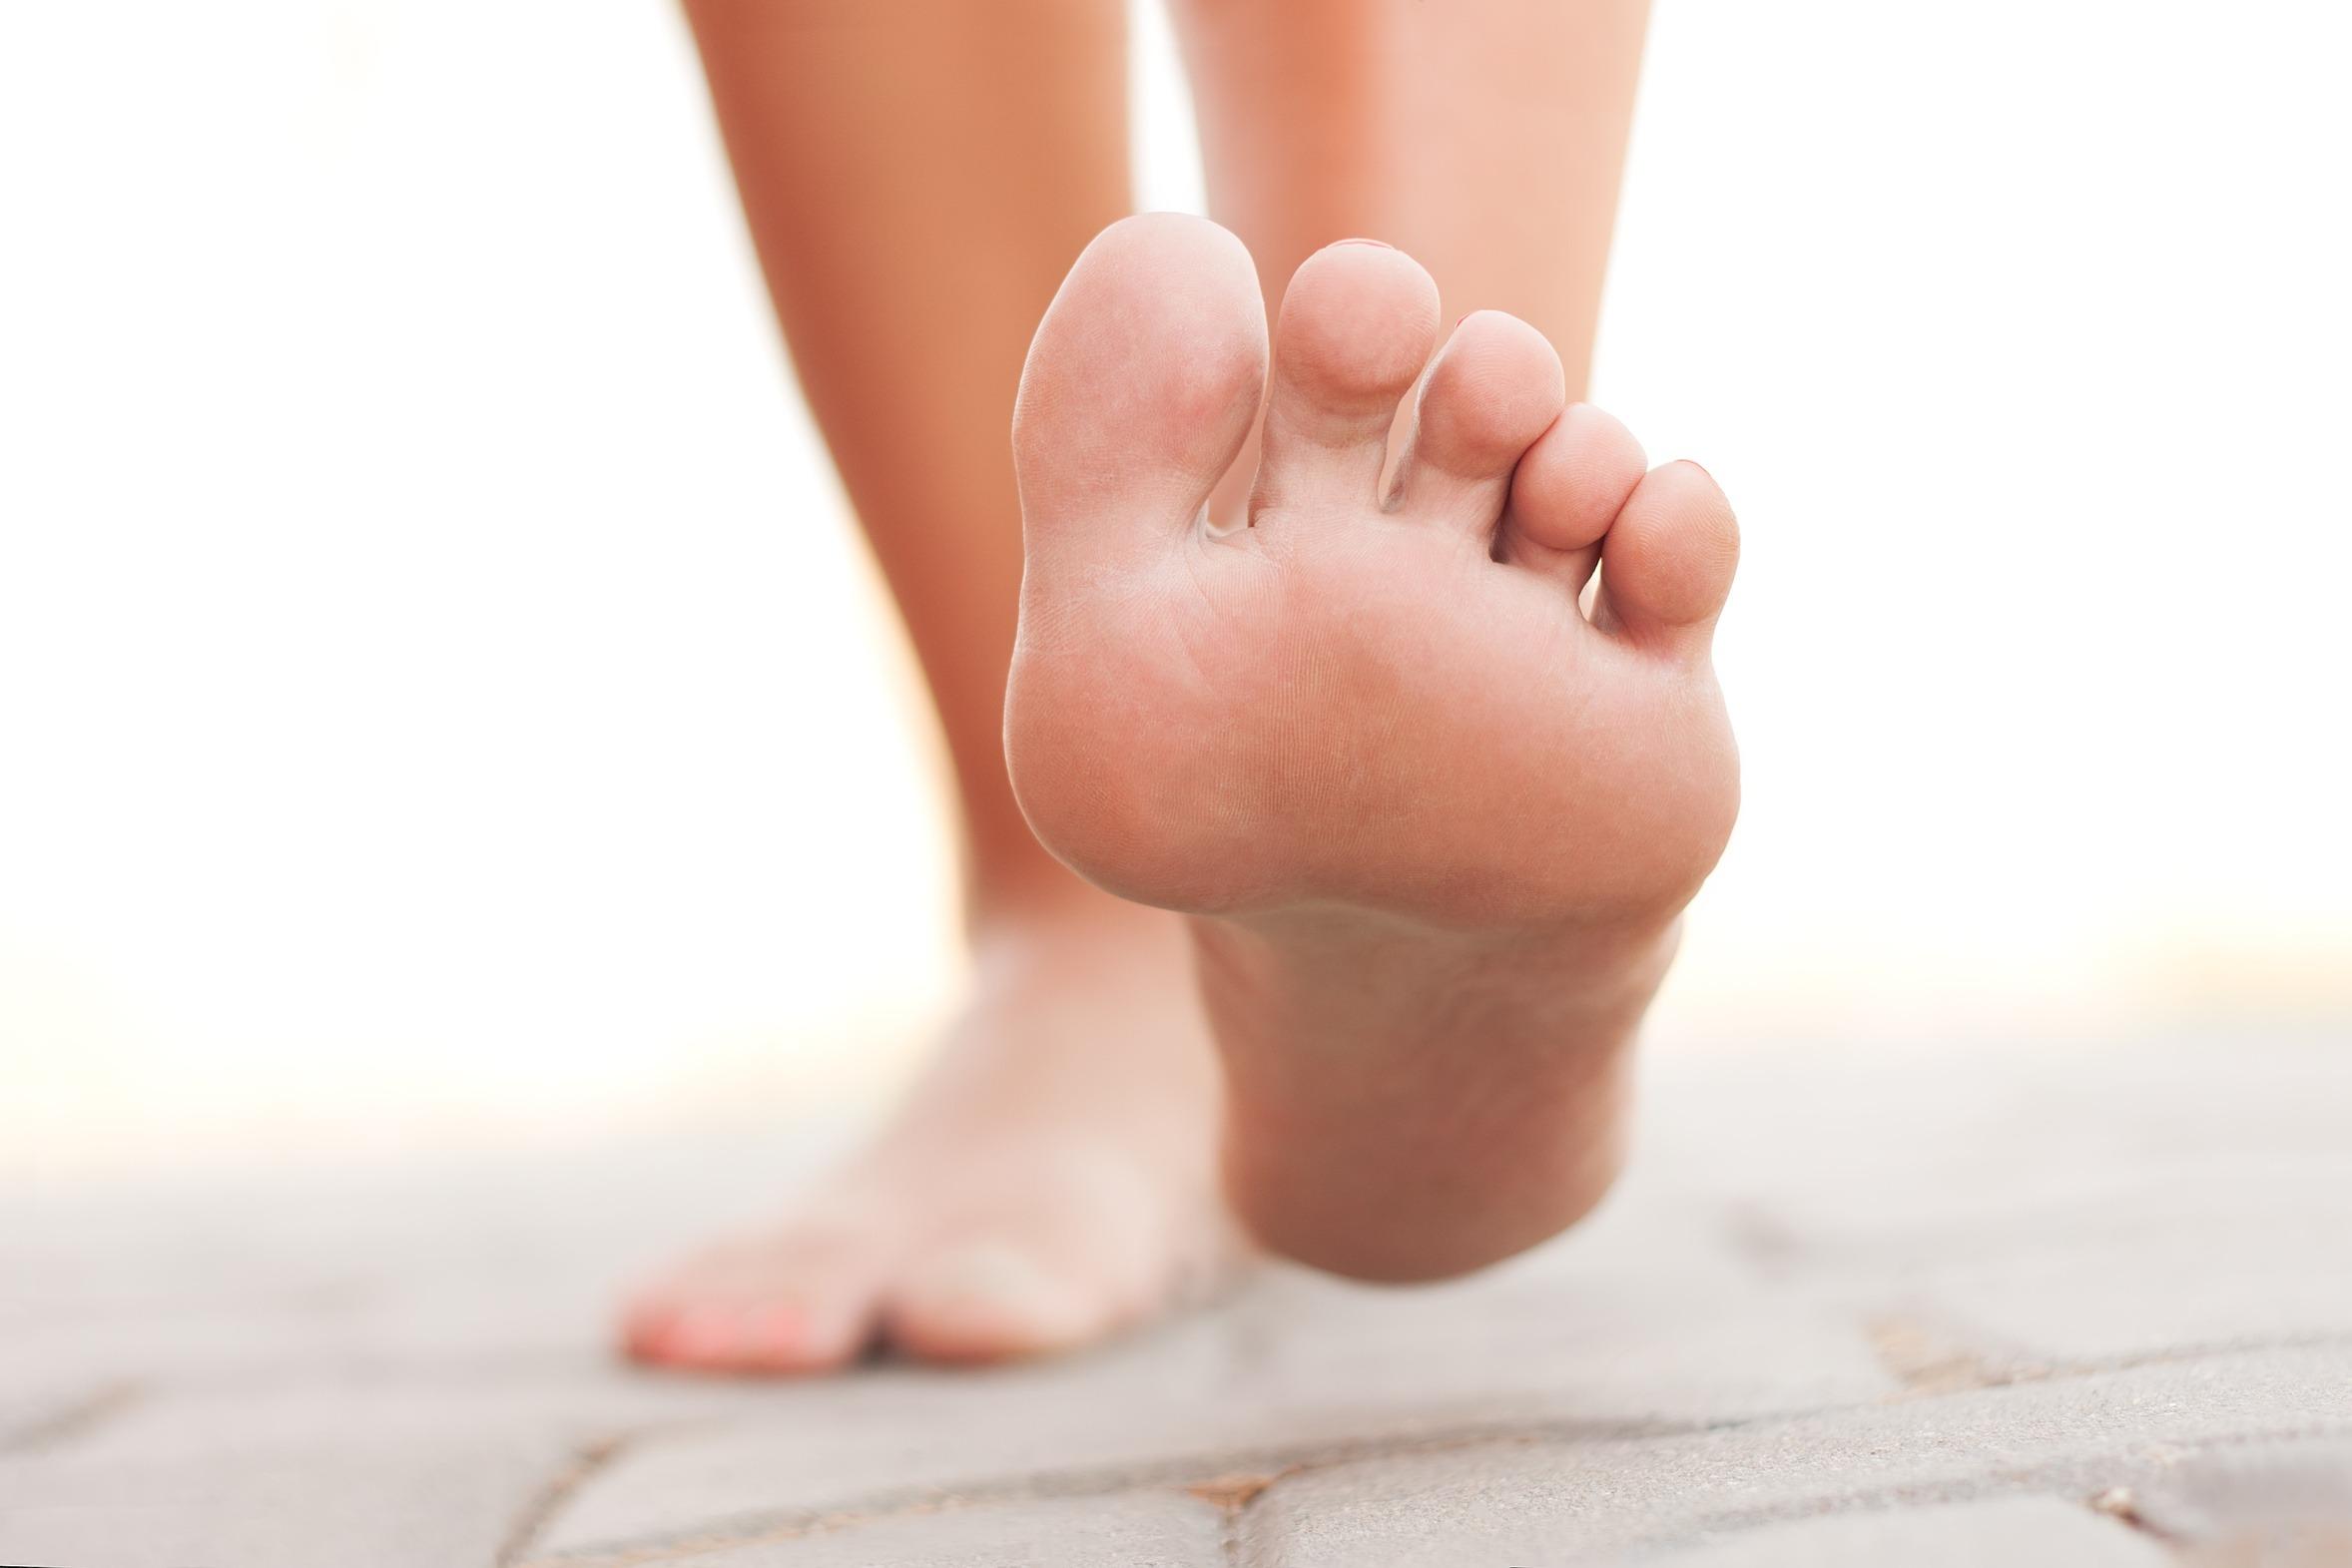 Novas diretrizes para o tratamento do pé diabético